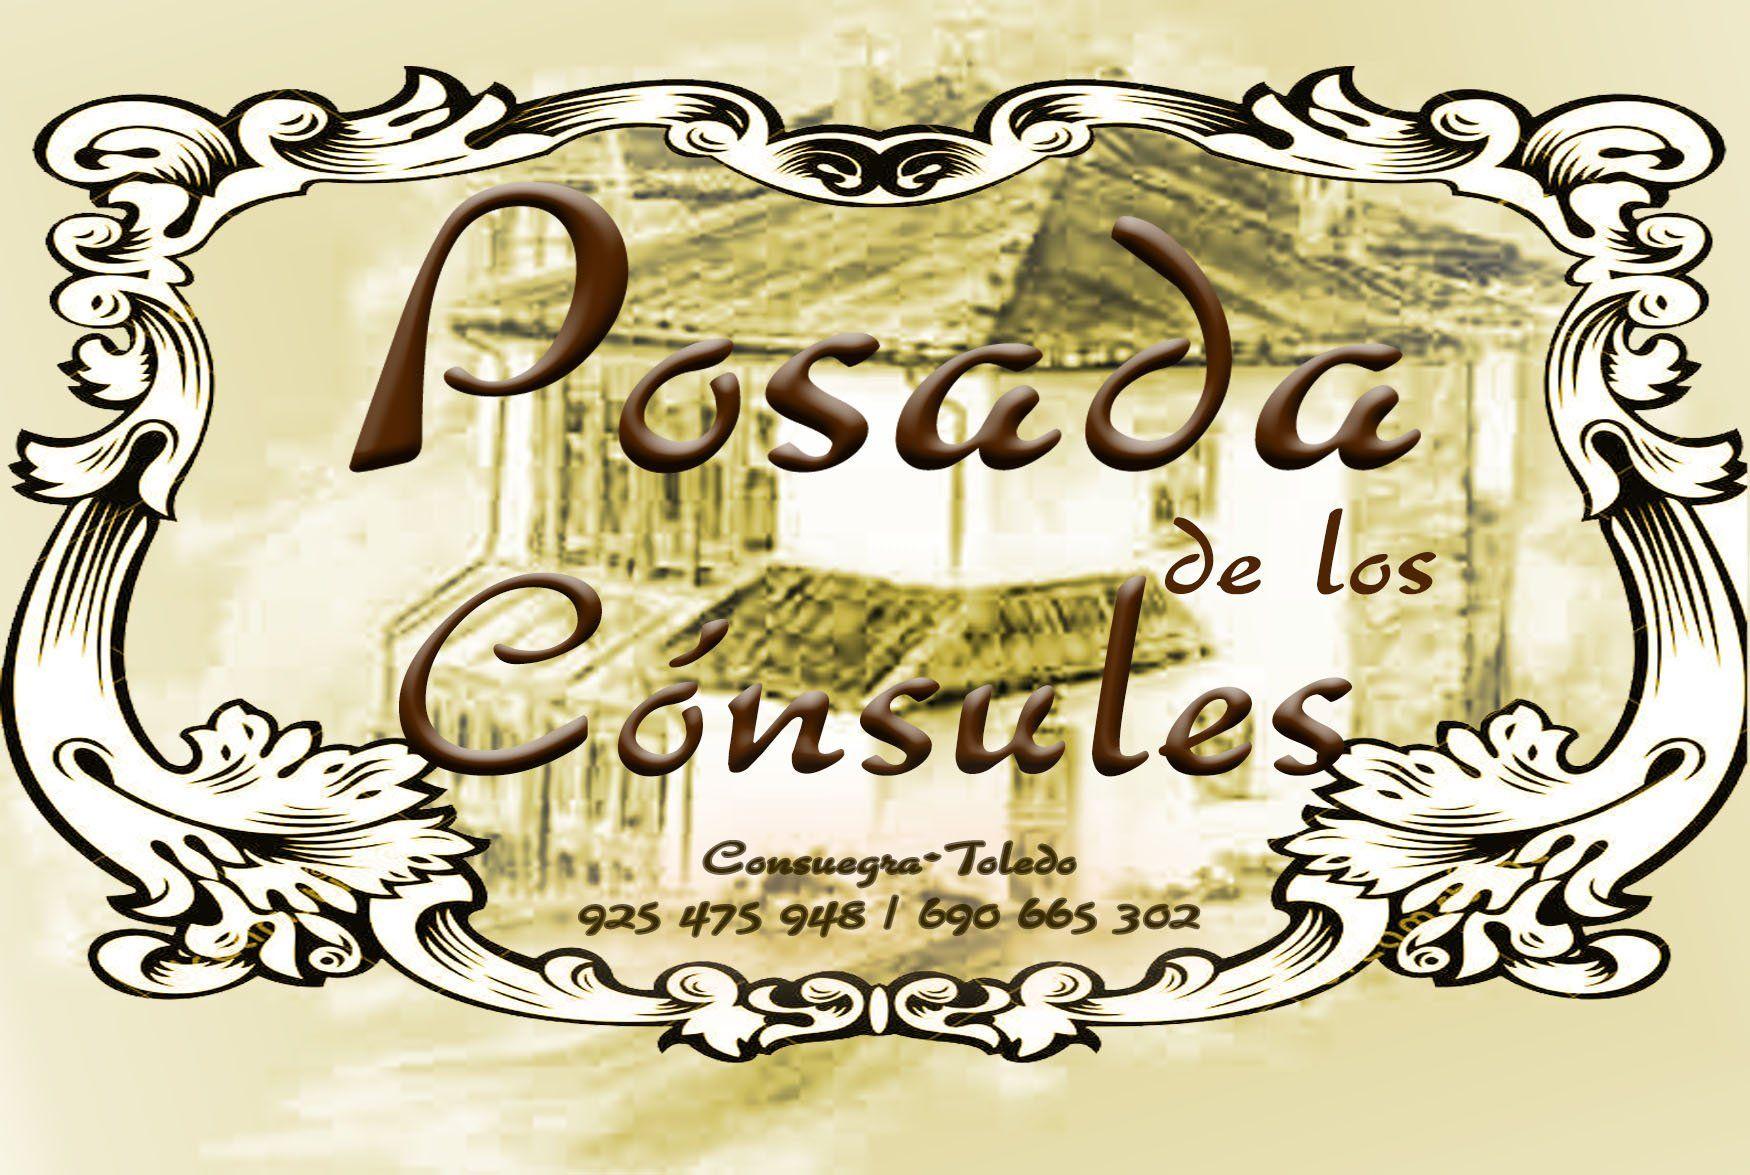 波薩達德洛斯康斯勒酒店